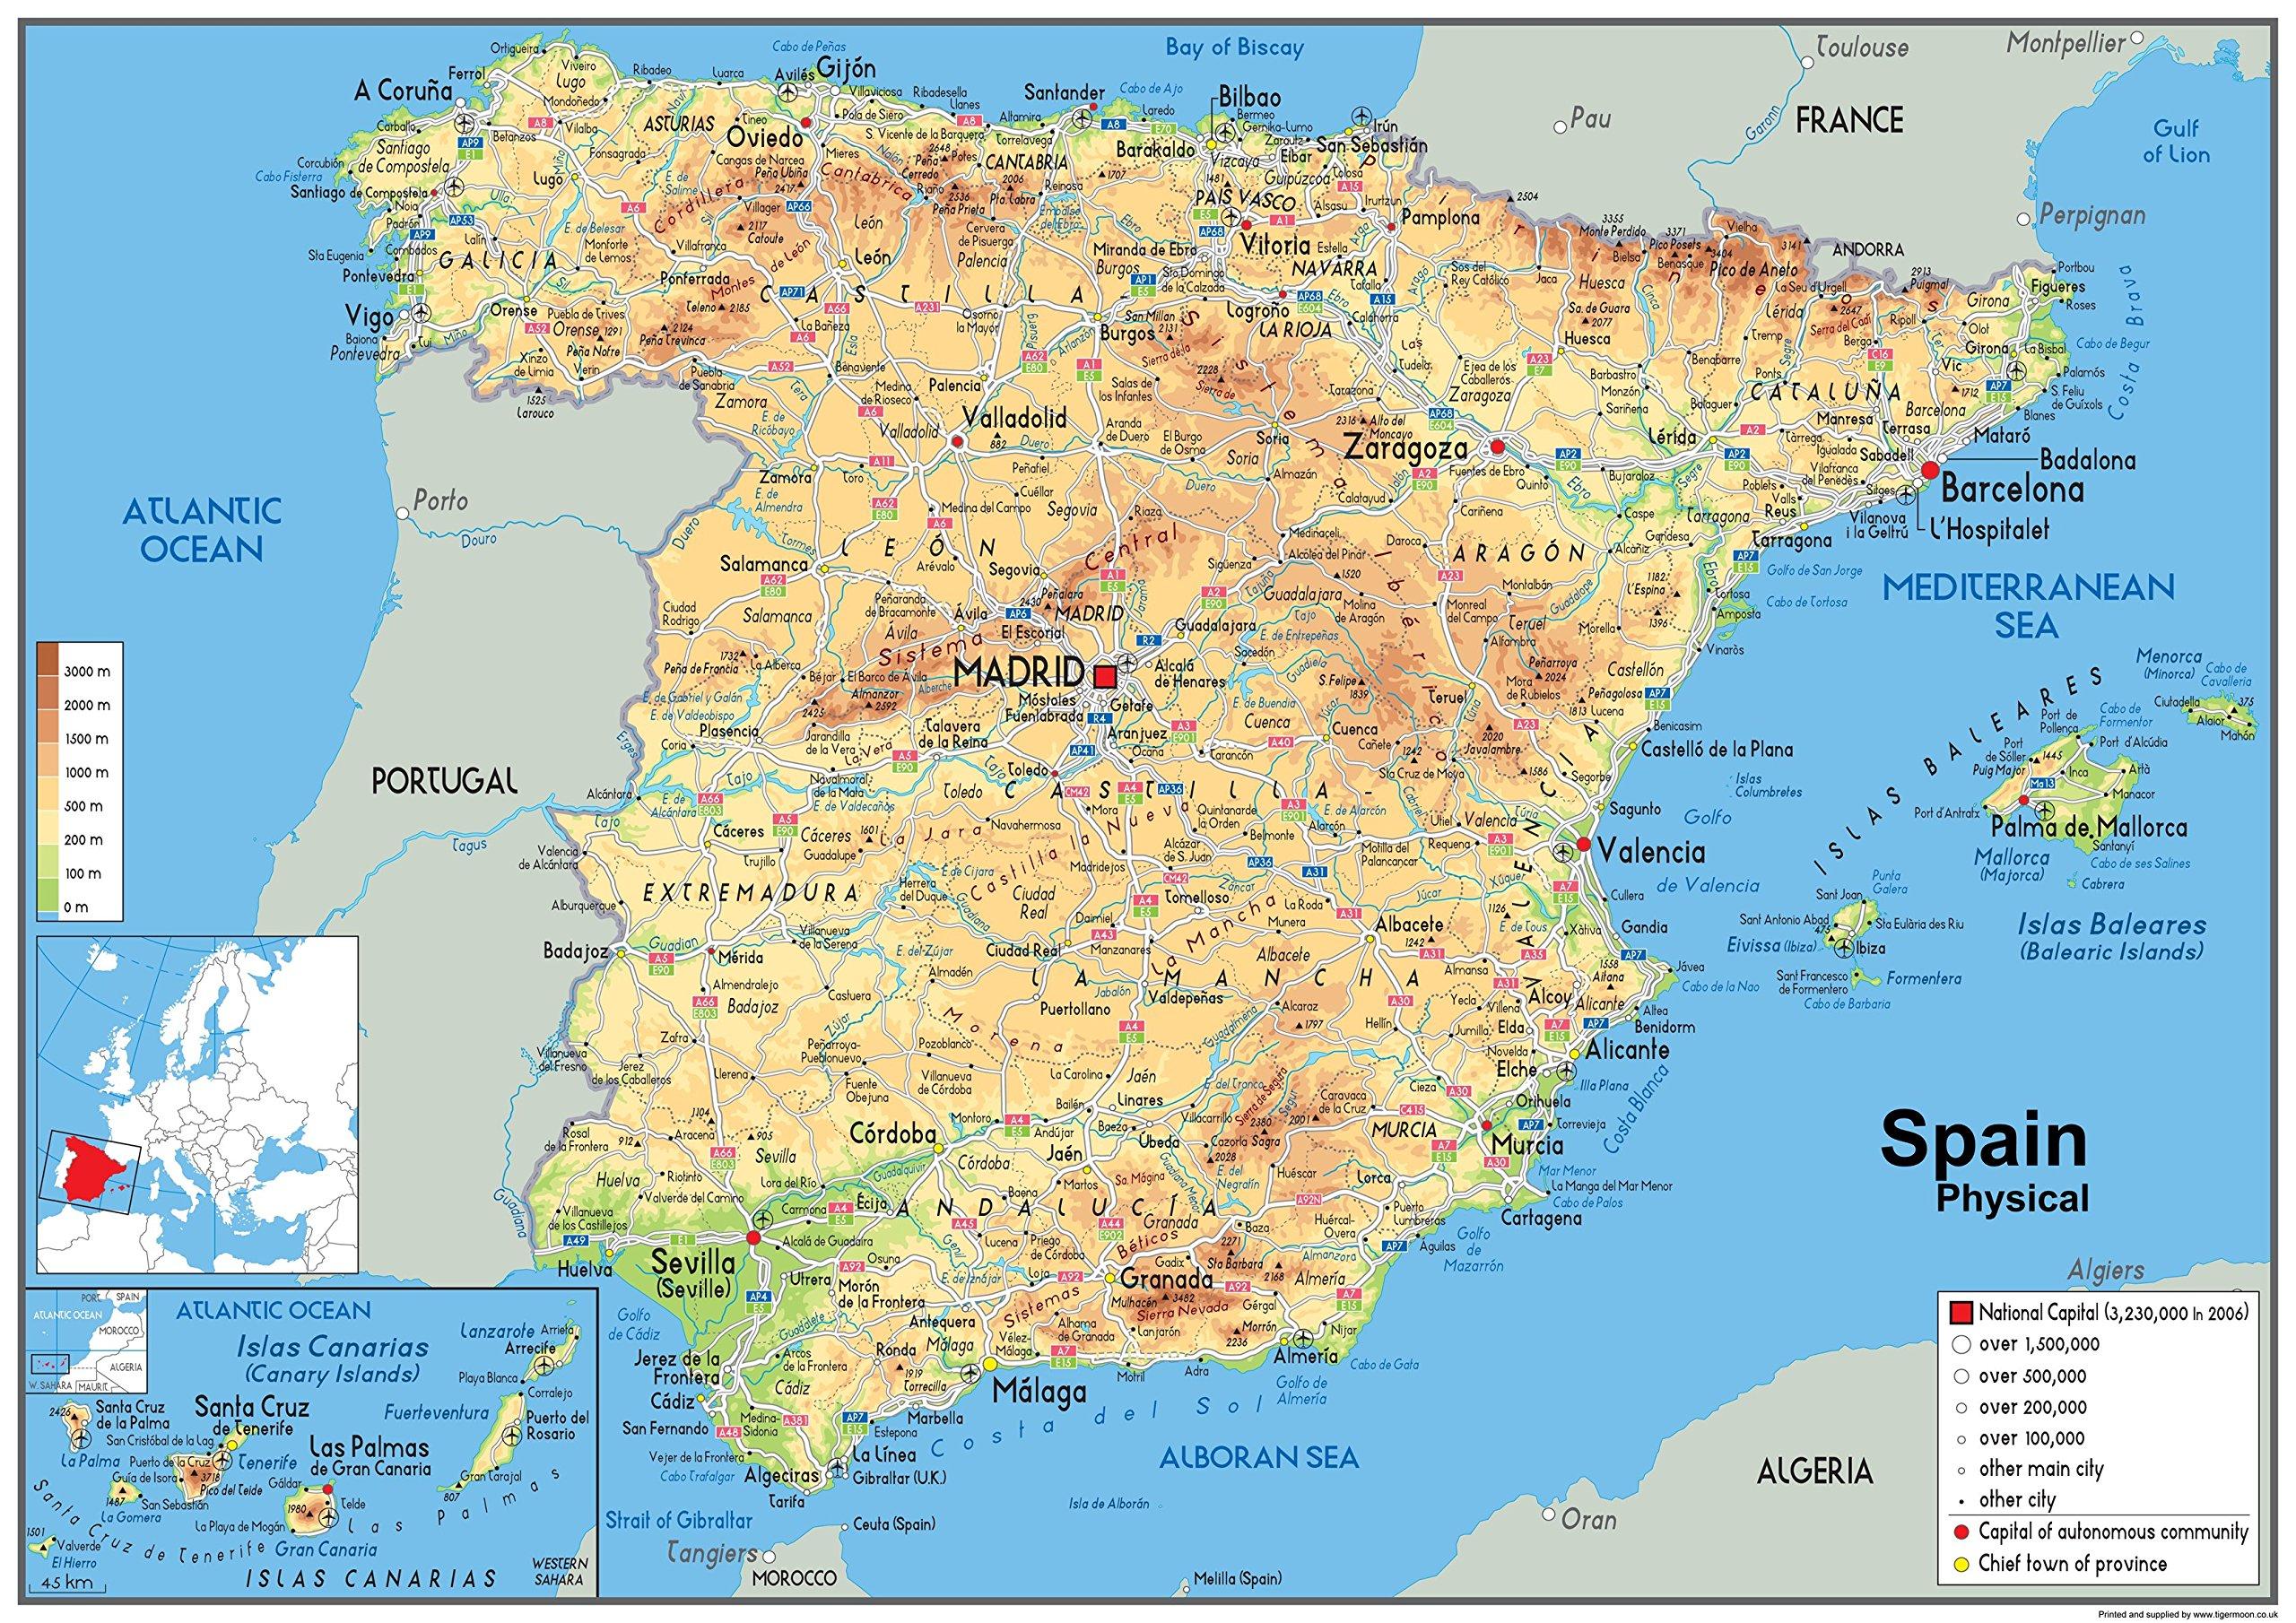 Mapa España Físico – Papel laminado – tamaño A0 – 84,1 x 118.9 cm: Amazon.es: Oficina y papelería